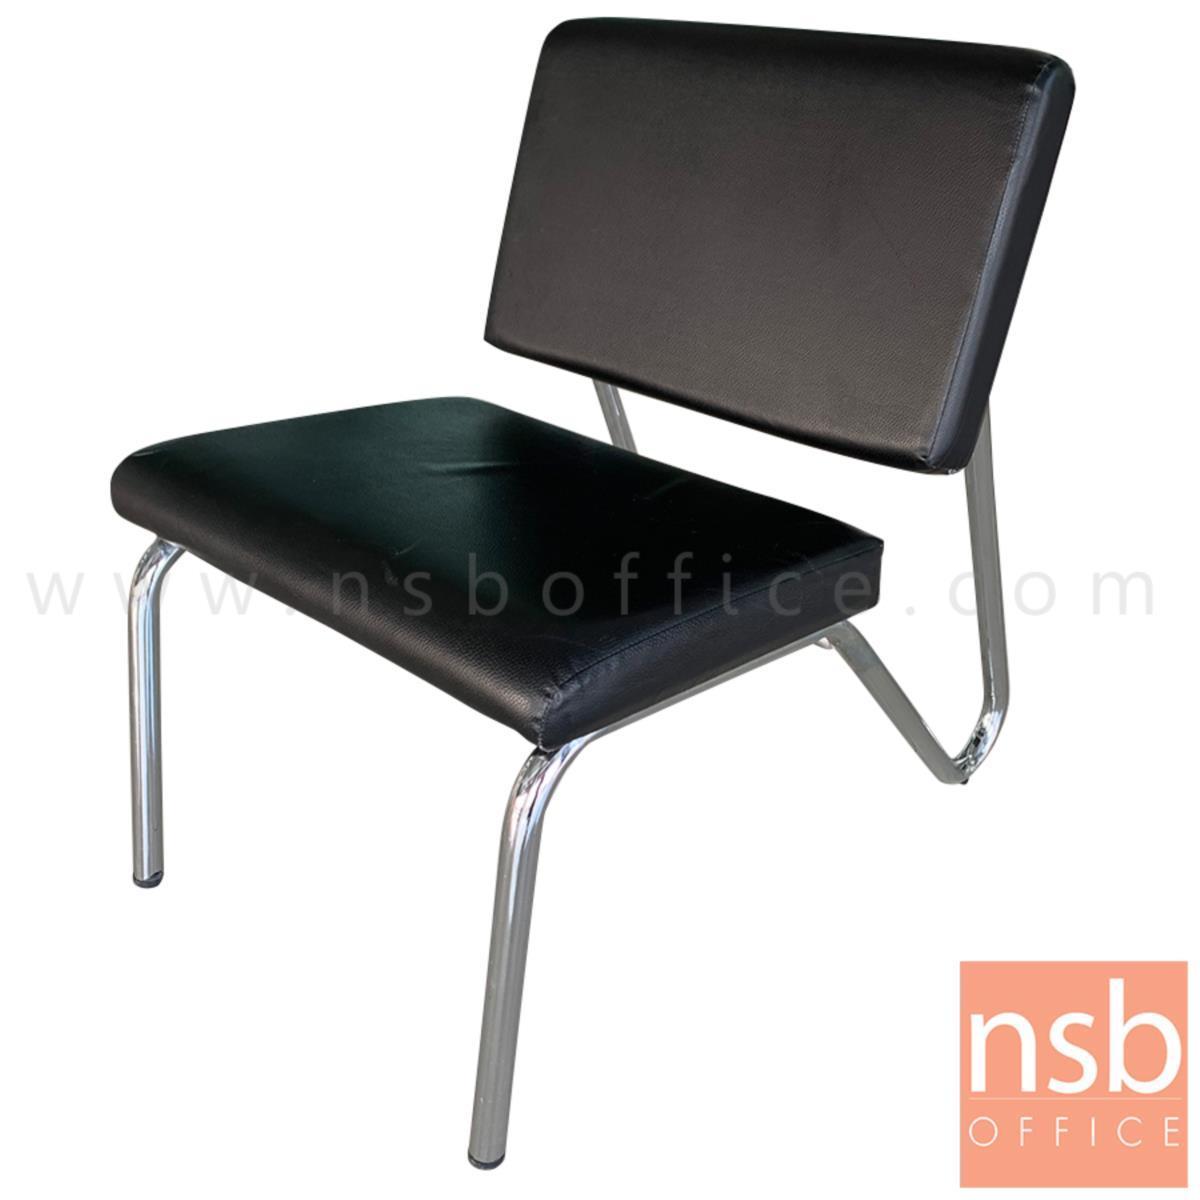 B22A028:เก้าอี้ตัวเดี่ยวหนังเทียม  รุ่น Valiente (วาเลียนเต) ขนาด 50W cm. โครงเหล็กชุบโครเมี่ยม